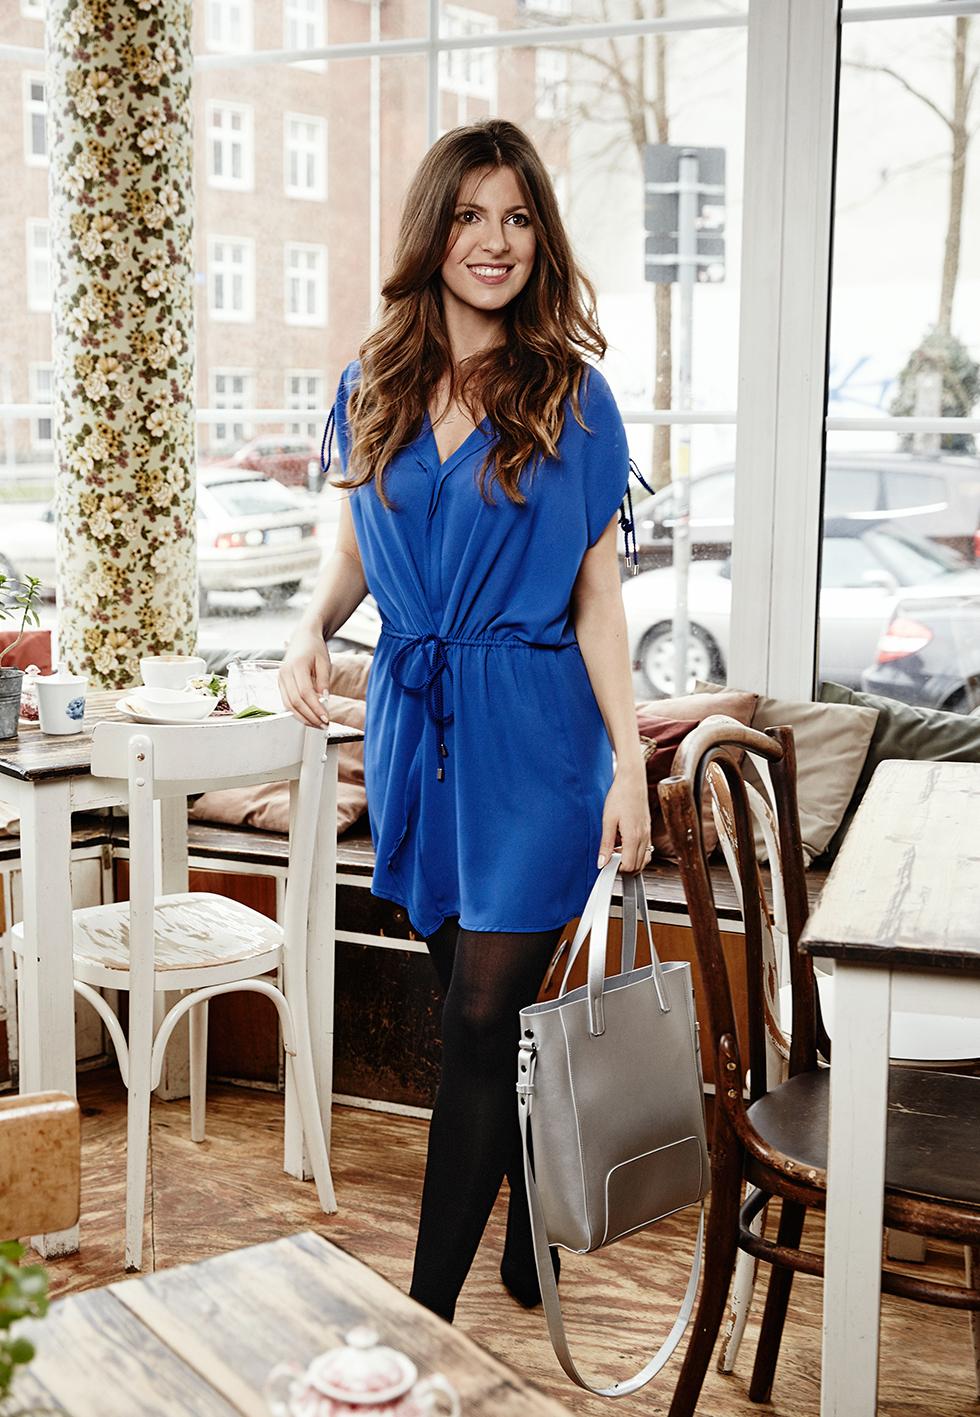 beautyressort-stylejourney-outfit-blaues kleid-metallic--streetystyle-kiel